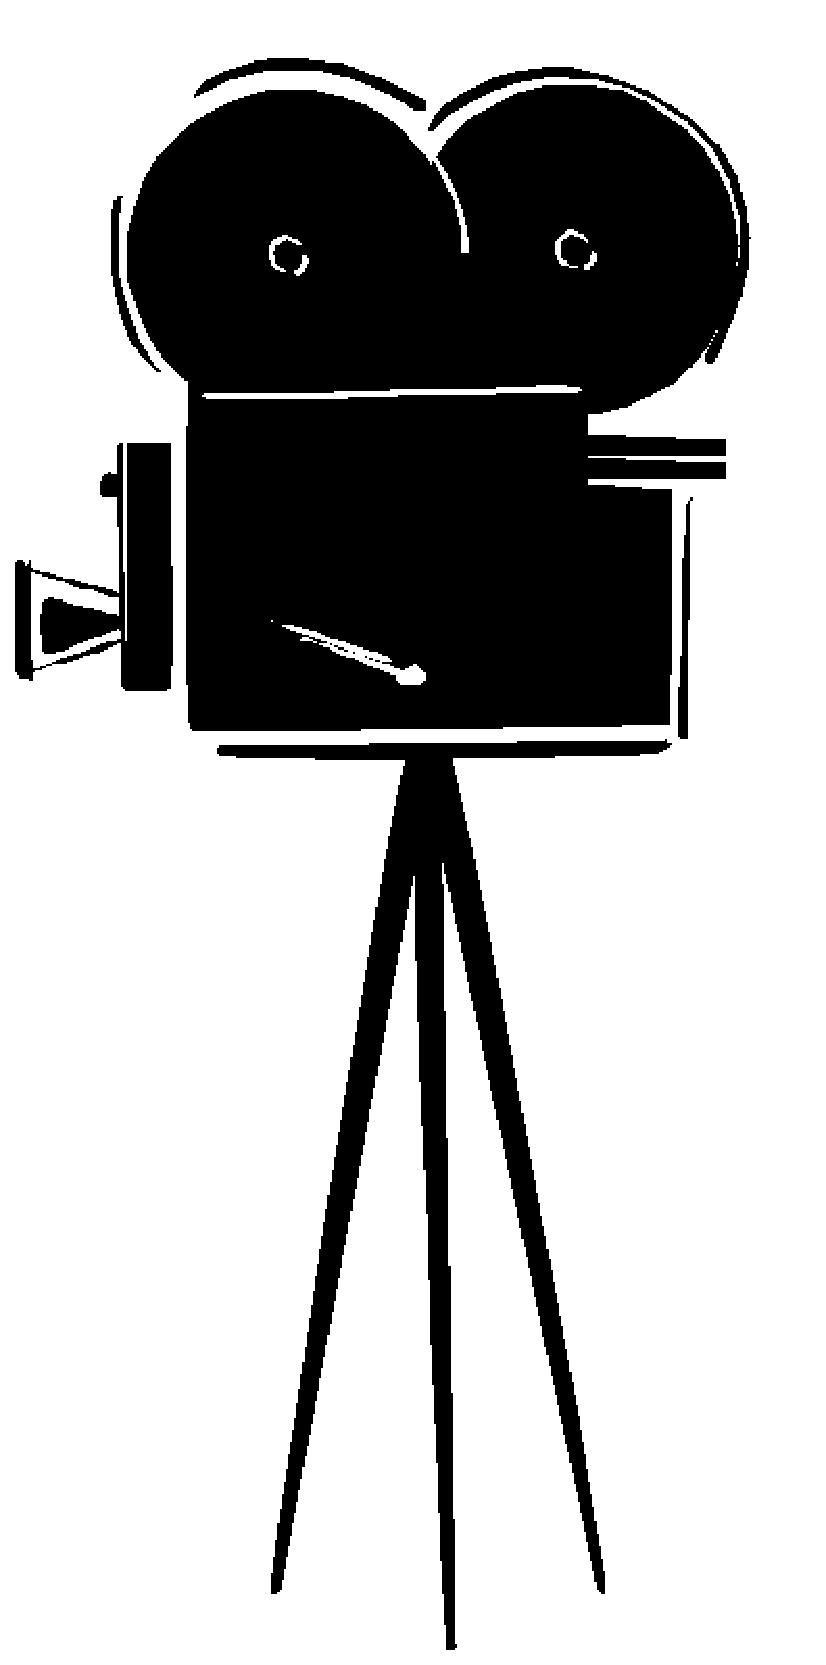 pc78ble9i jpg 826 1665 me gusta pinterest movie projector rh pinterest com old movie projector clipart Movie Ticket Clip Art